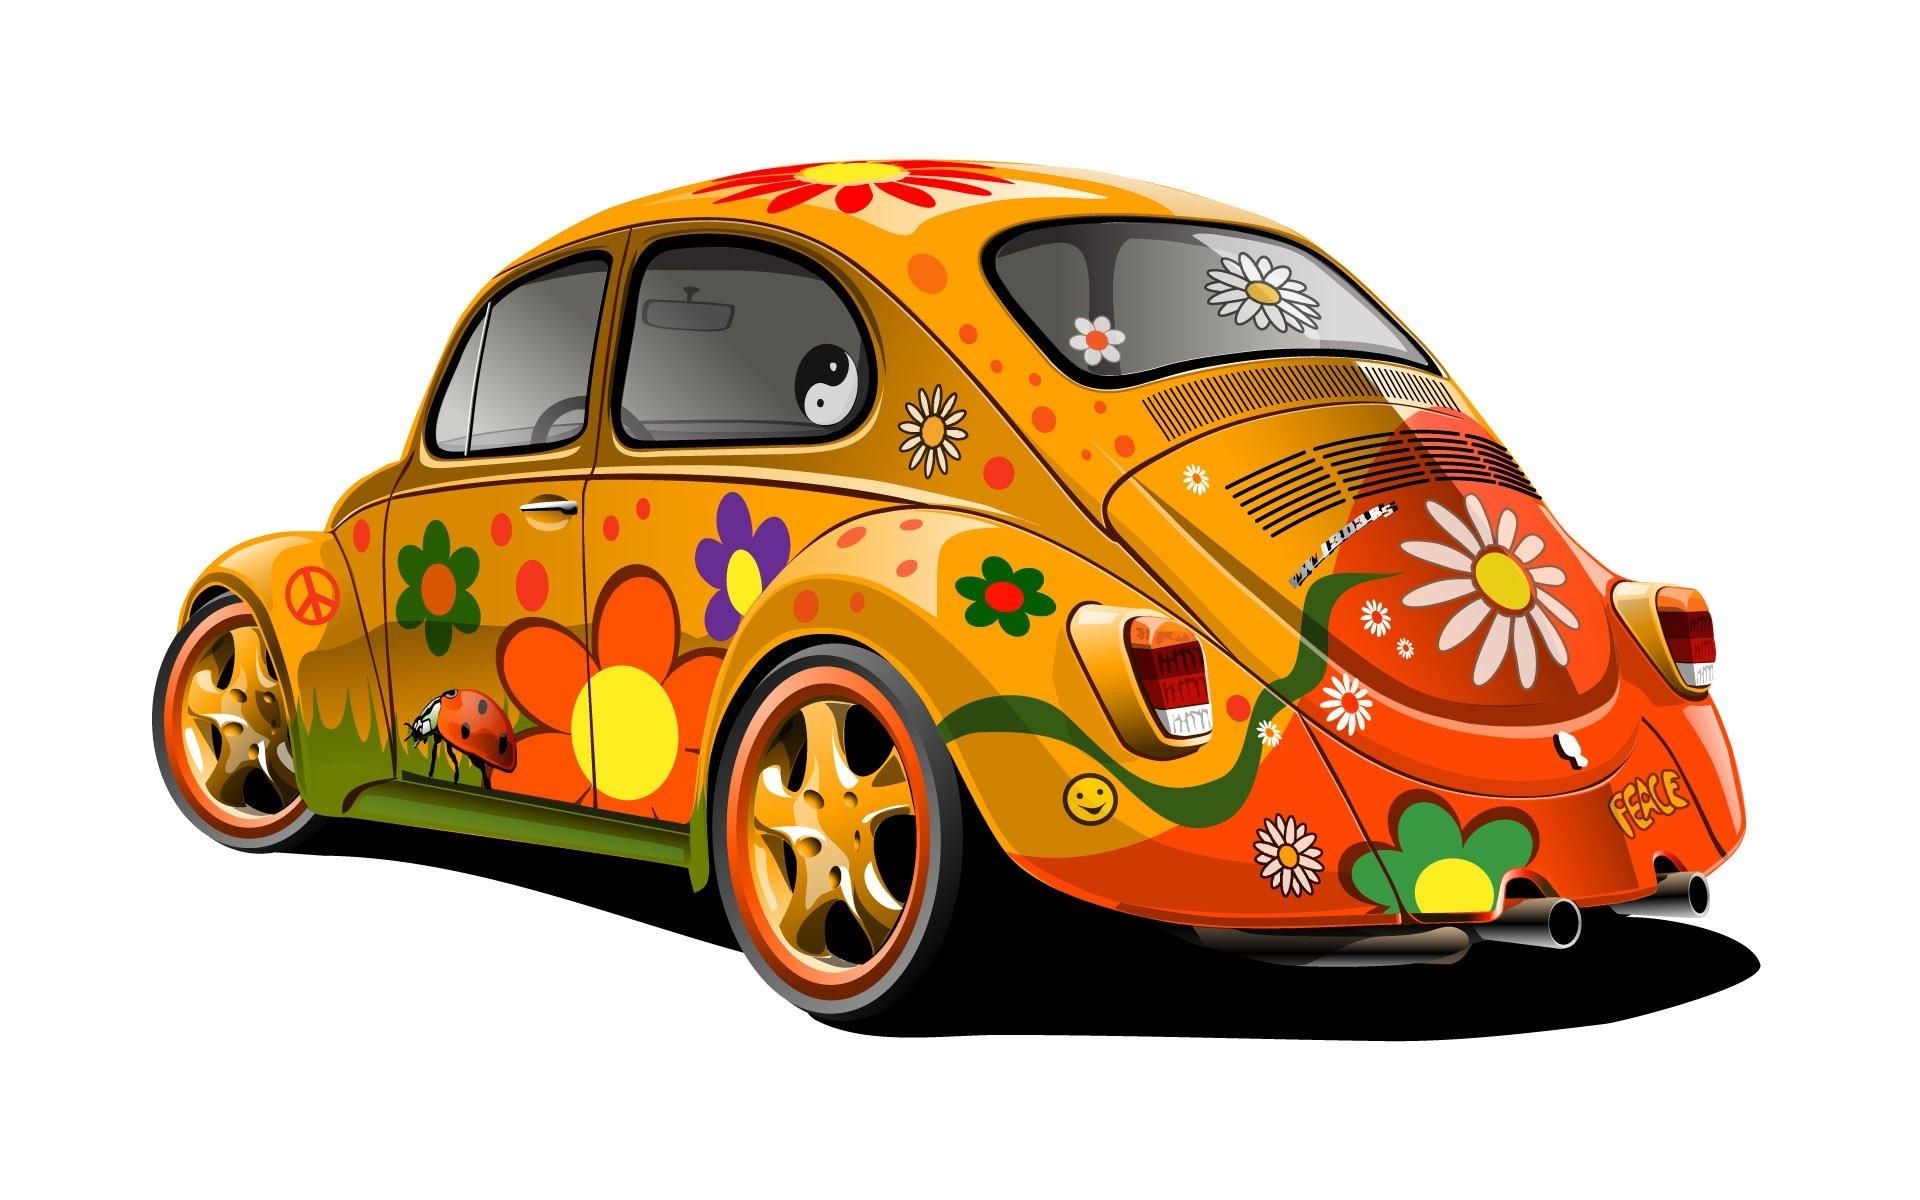 Hippie 404330 - Hippie PNG HD